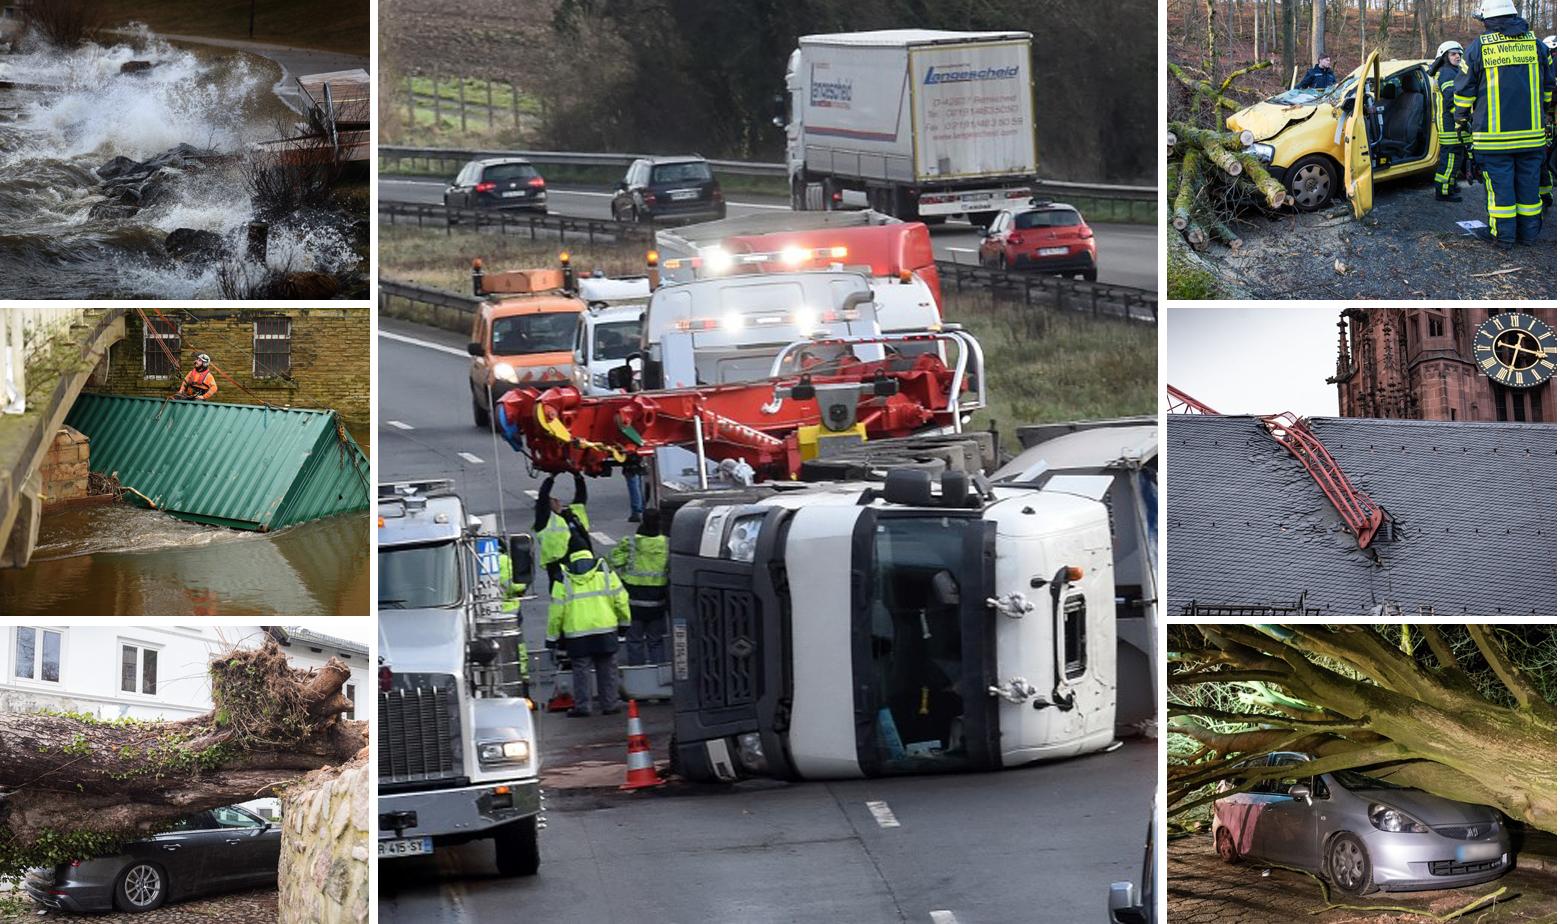 Prizori štete i nesreća koju je izazvala oluja Ciara diljem Europe